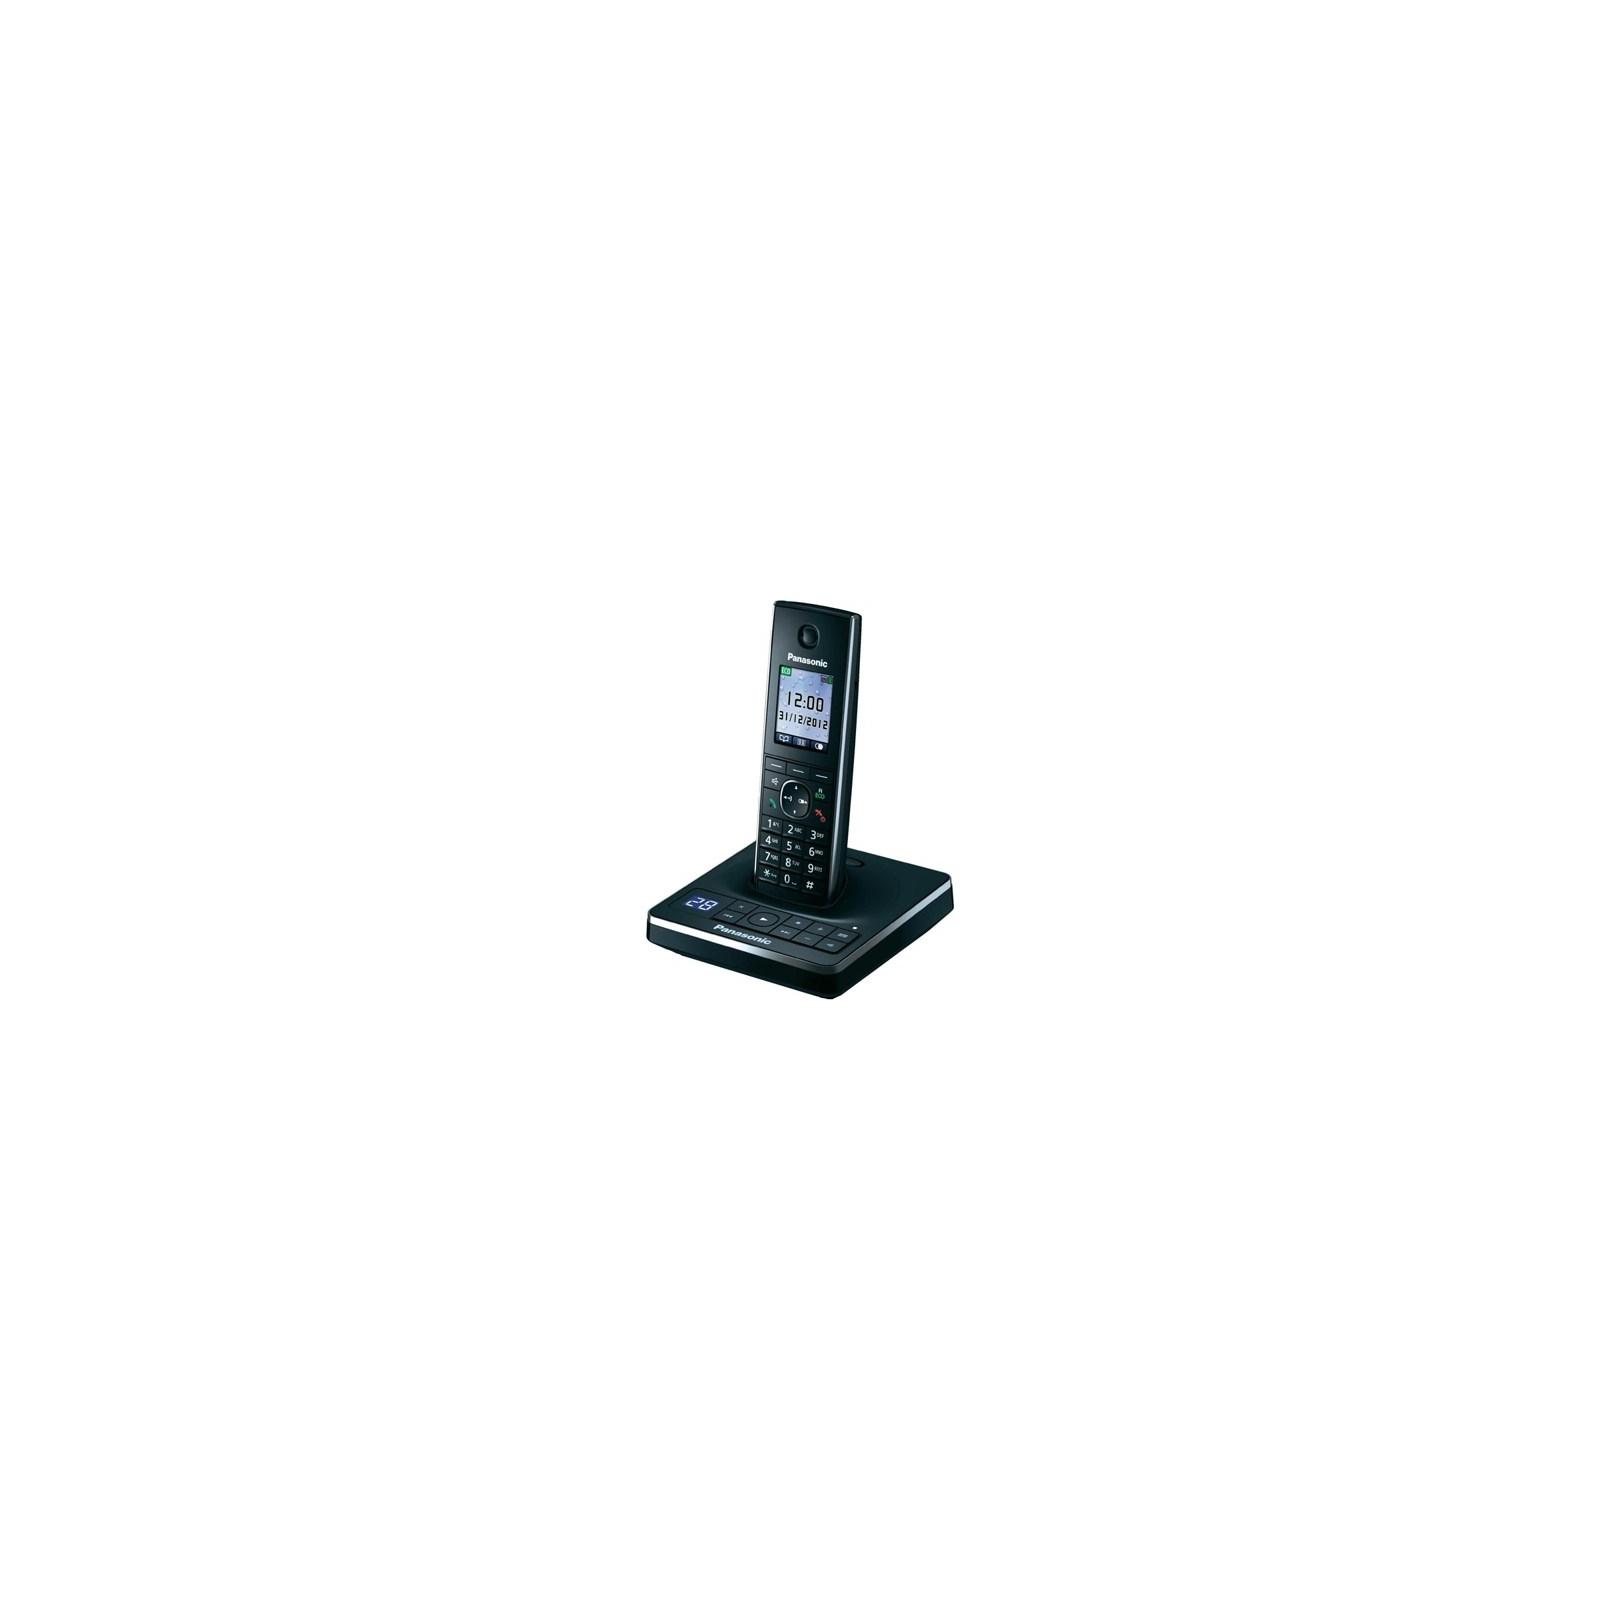 Телефон DECT PANASONIC KX-TG8561UAB